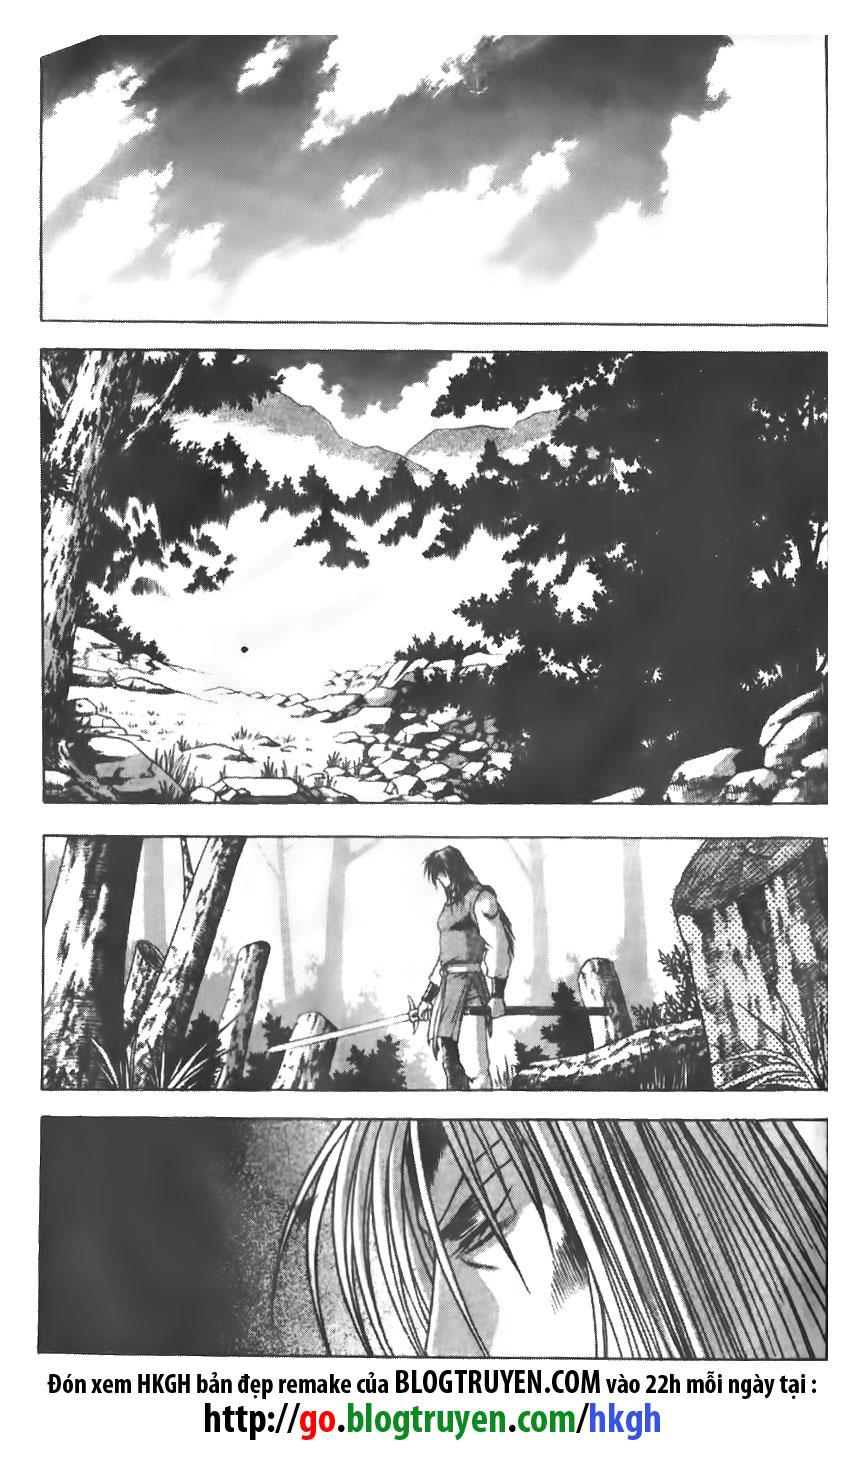 xem truyen moi - Hiệp Khách Giang Hồ Vol28 - Chap 187 - Remake